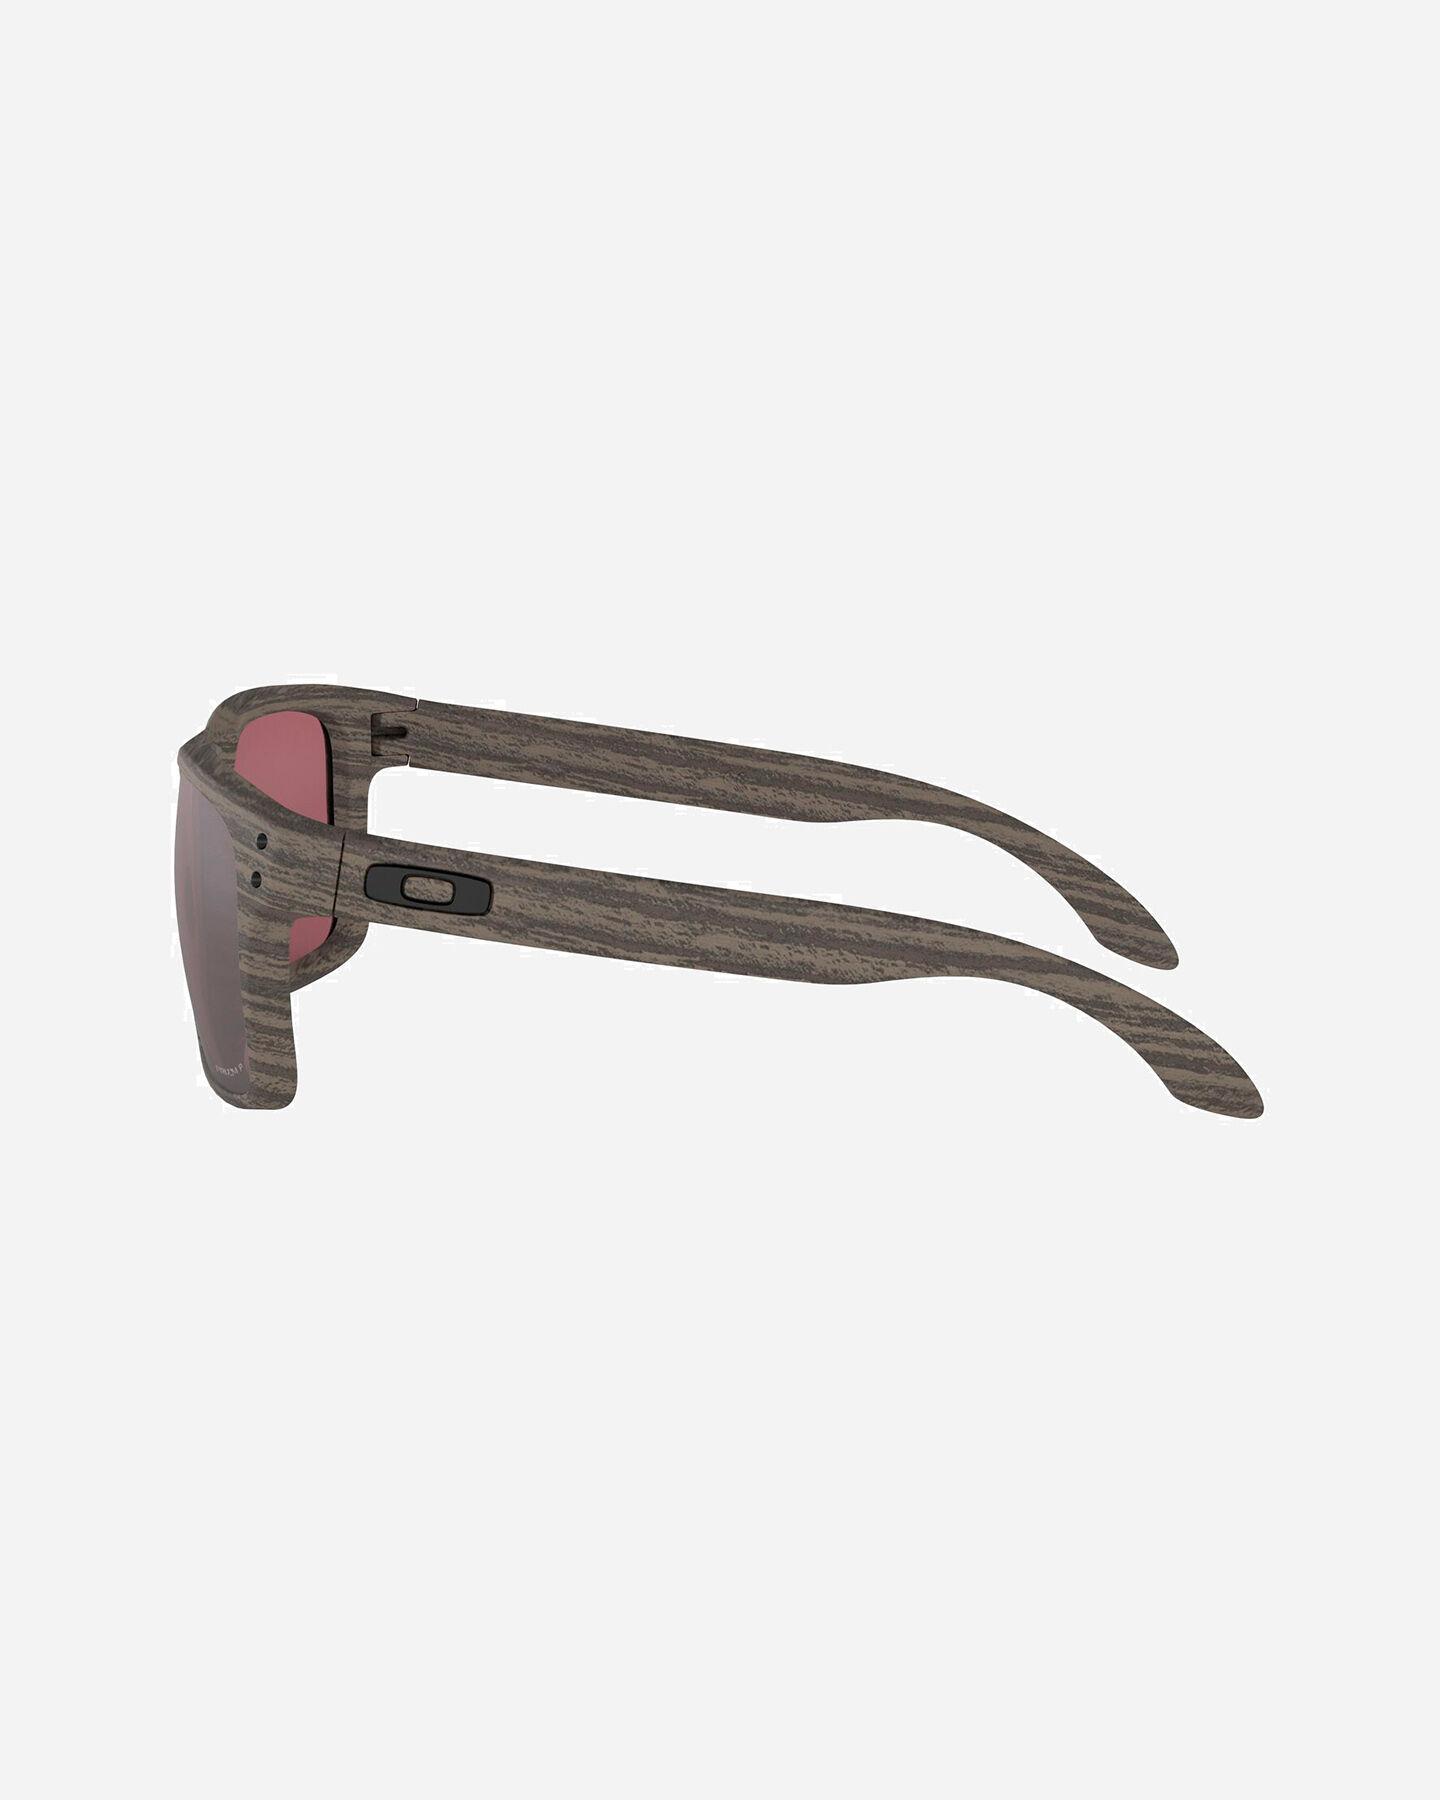 Occhiali OAKLEY HOLBROOK WOODGRAIN PRIZM S4002501|9999|UNI scatto 5